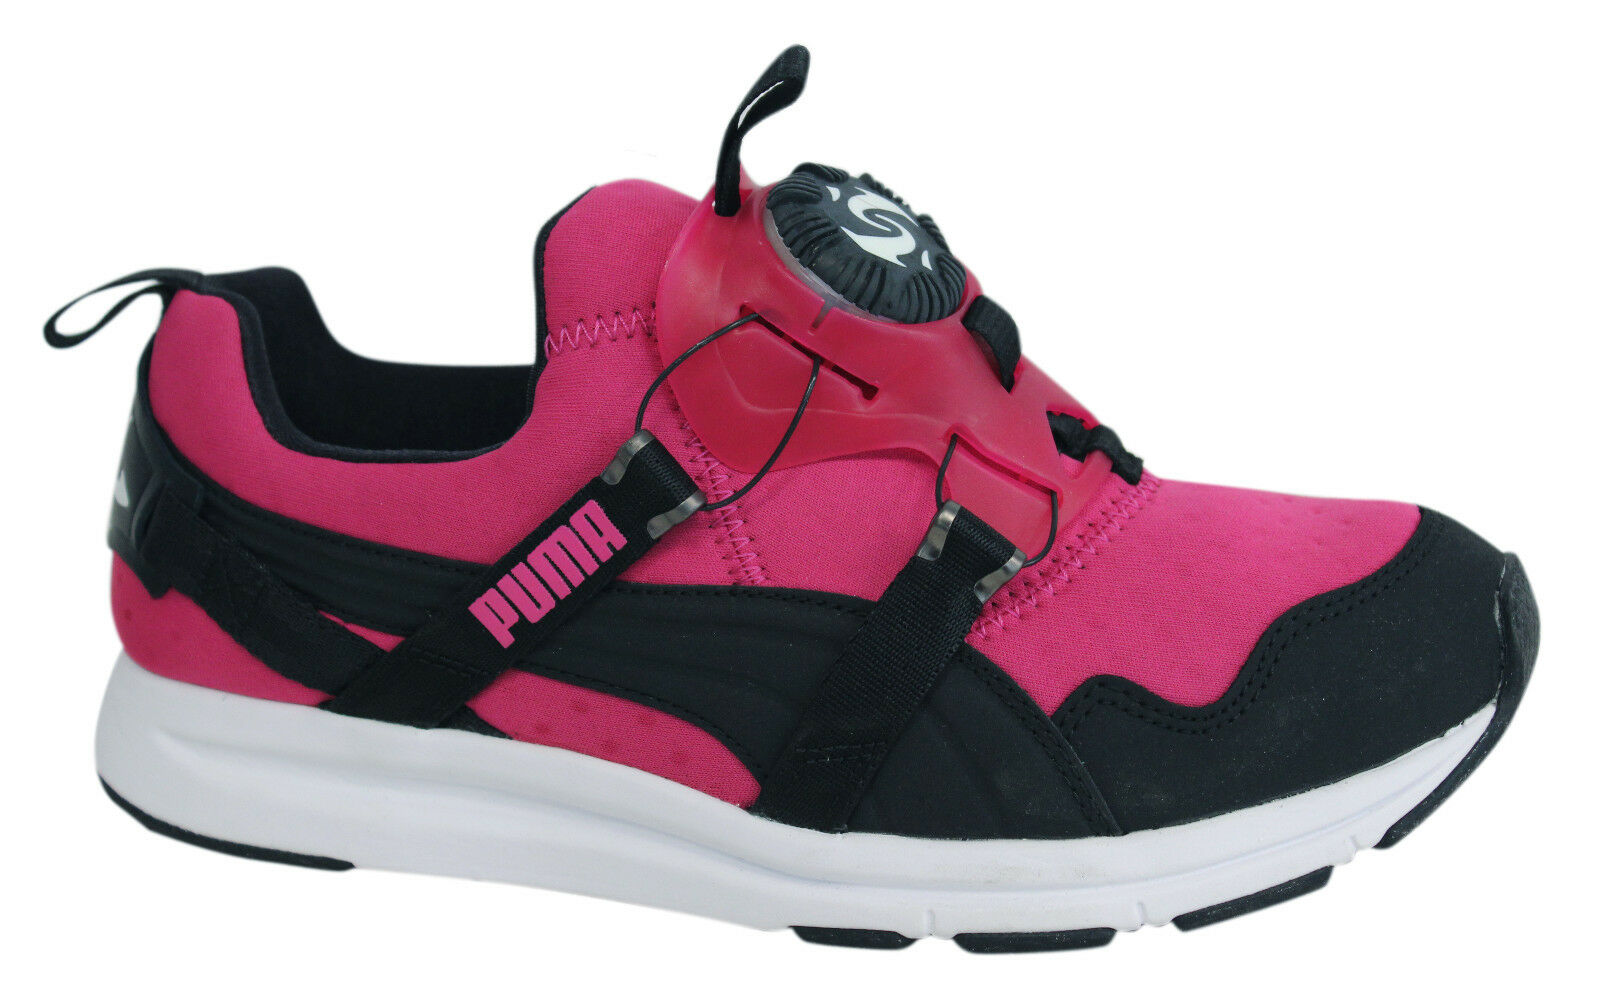 Puma Trinomic Disc Cromo Zapatillas para mujer Resbalón en 356489 Zapatos de color rosa 356489 en 02 U85 f42d5c